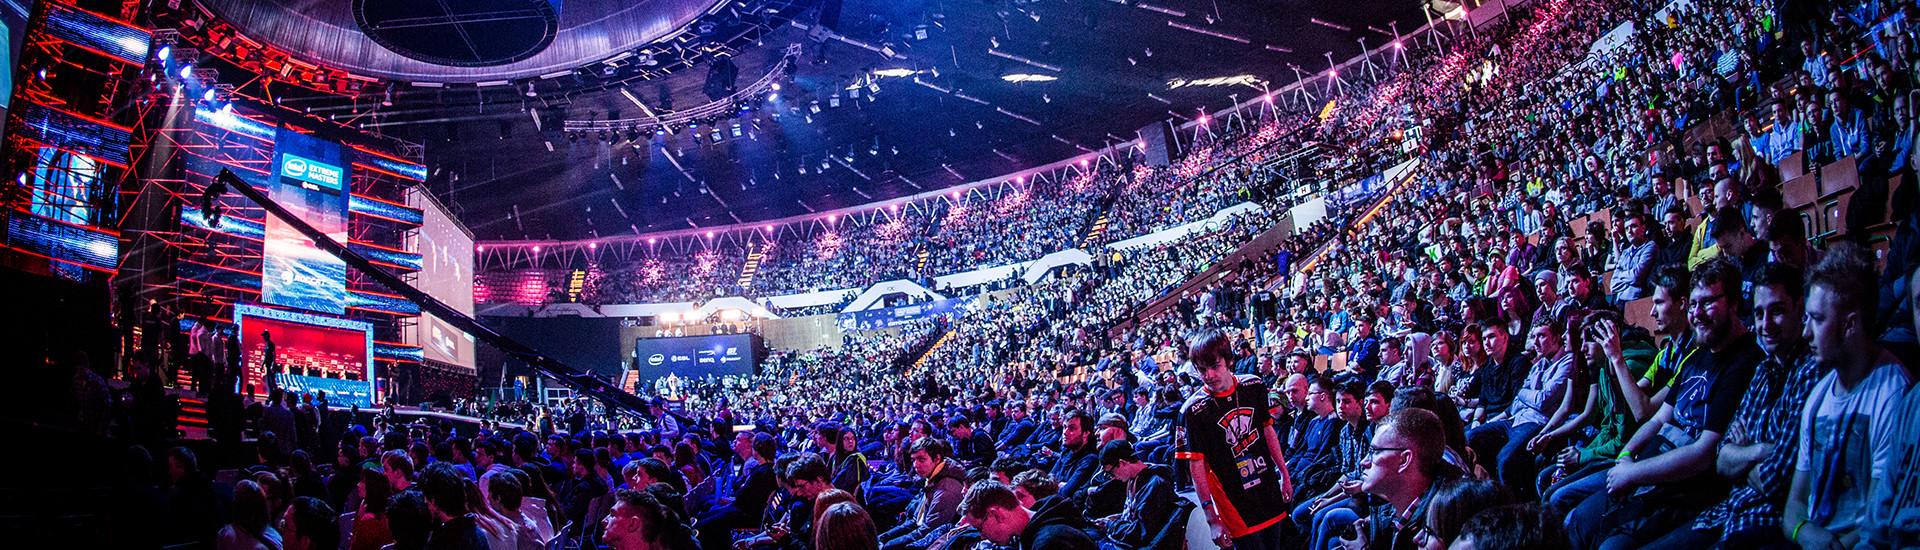 Największym zwycięzcą IEM-u jest miasto Katowice